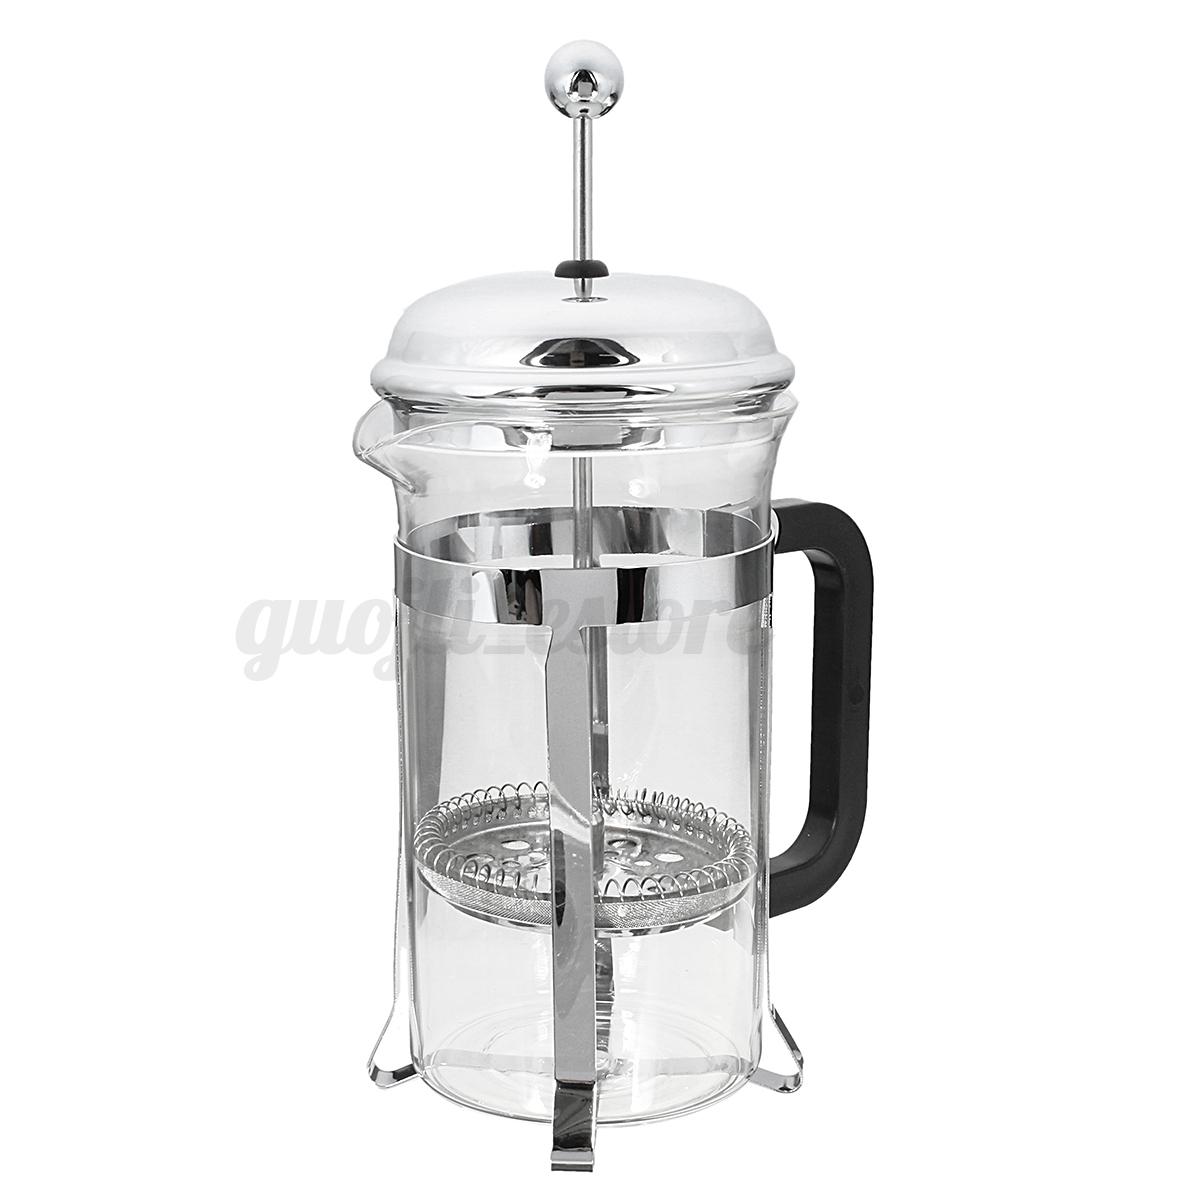 600ml french press coffee plunger maker leaf carafe stainless steel filter bodum ebay. Black Bedroom Furniture Sets. Home Design Ideas